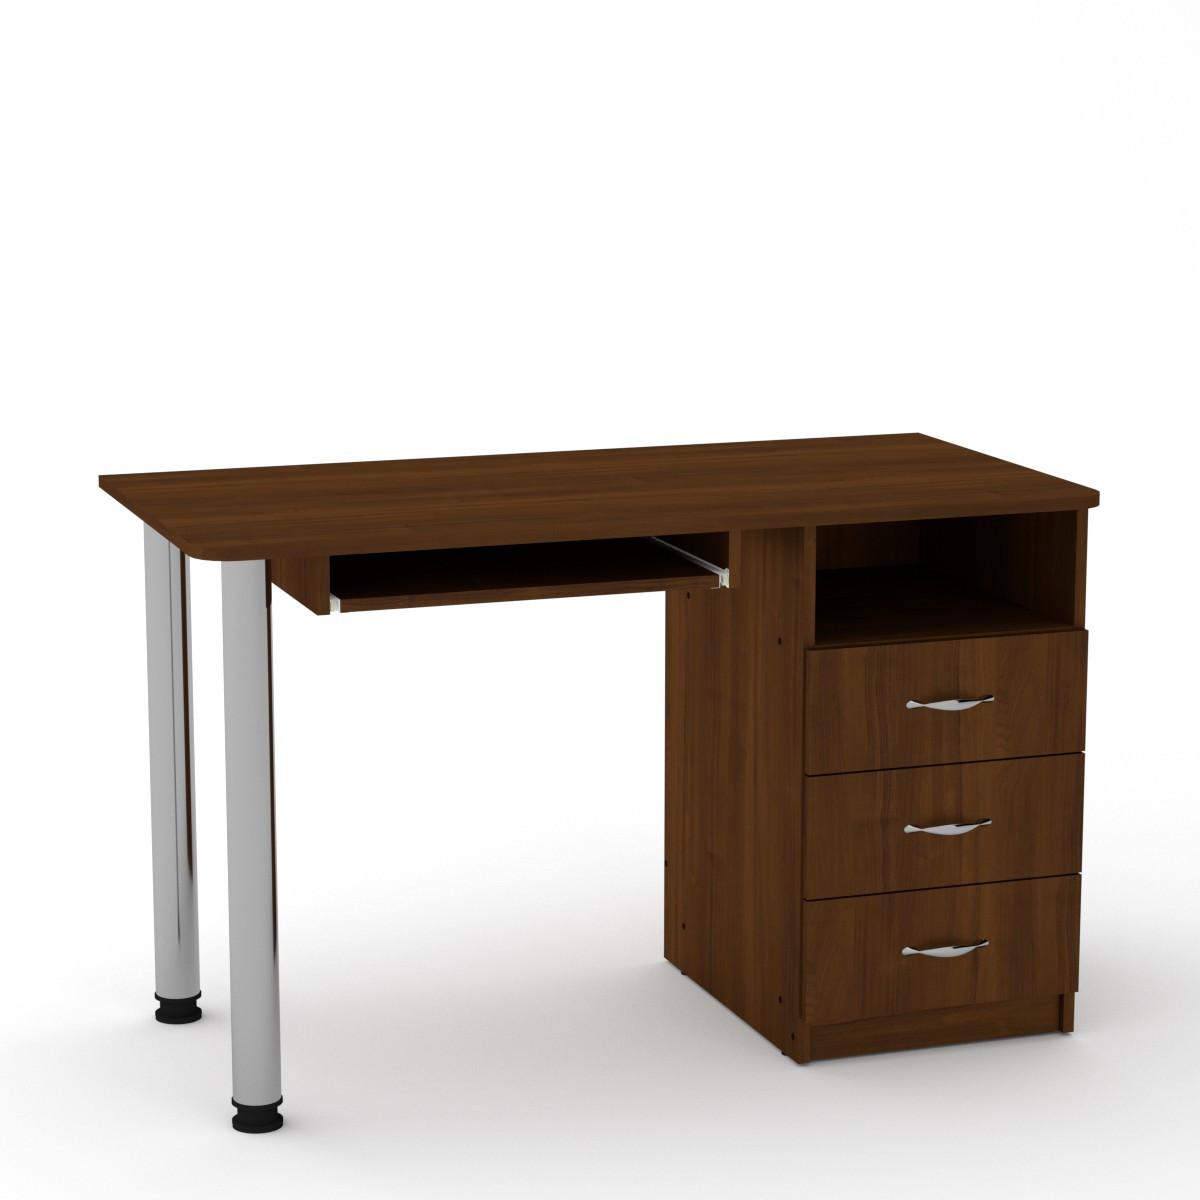 Стол письменный СКМ-9 орех экко Компанит (120х60х74 см)